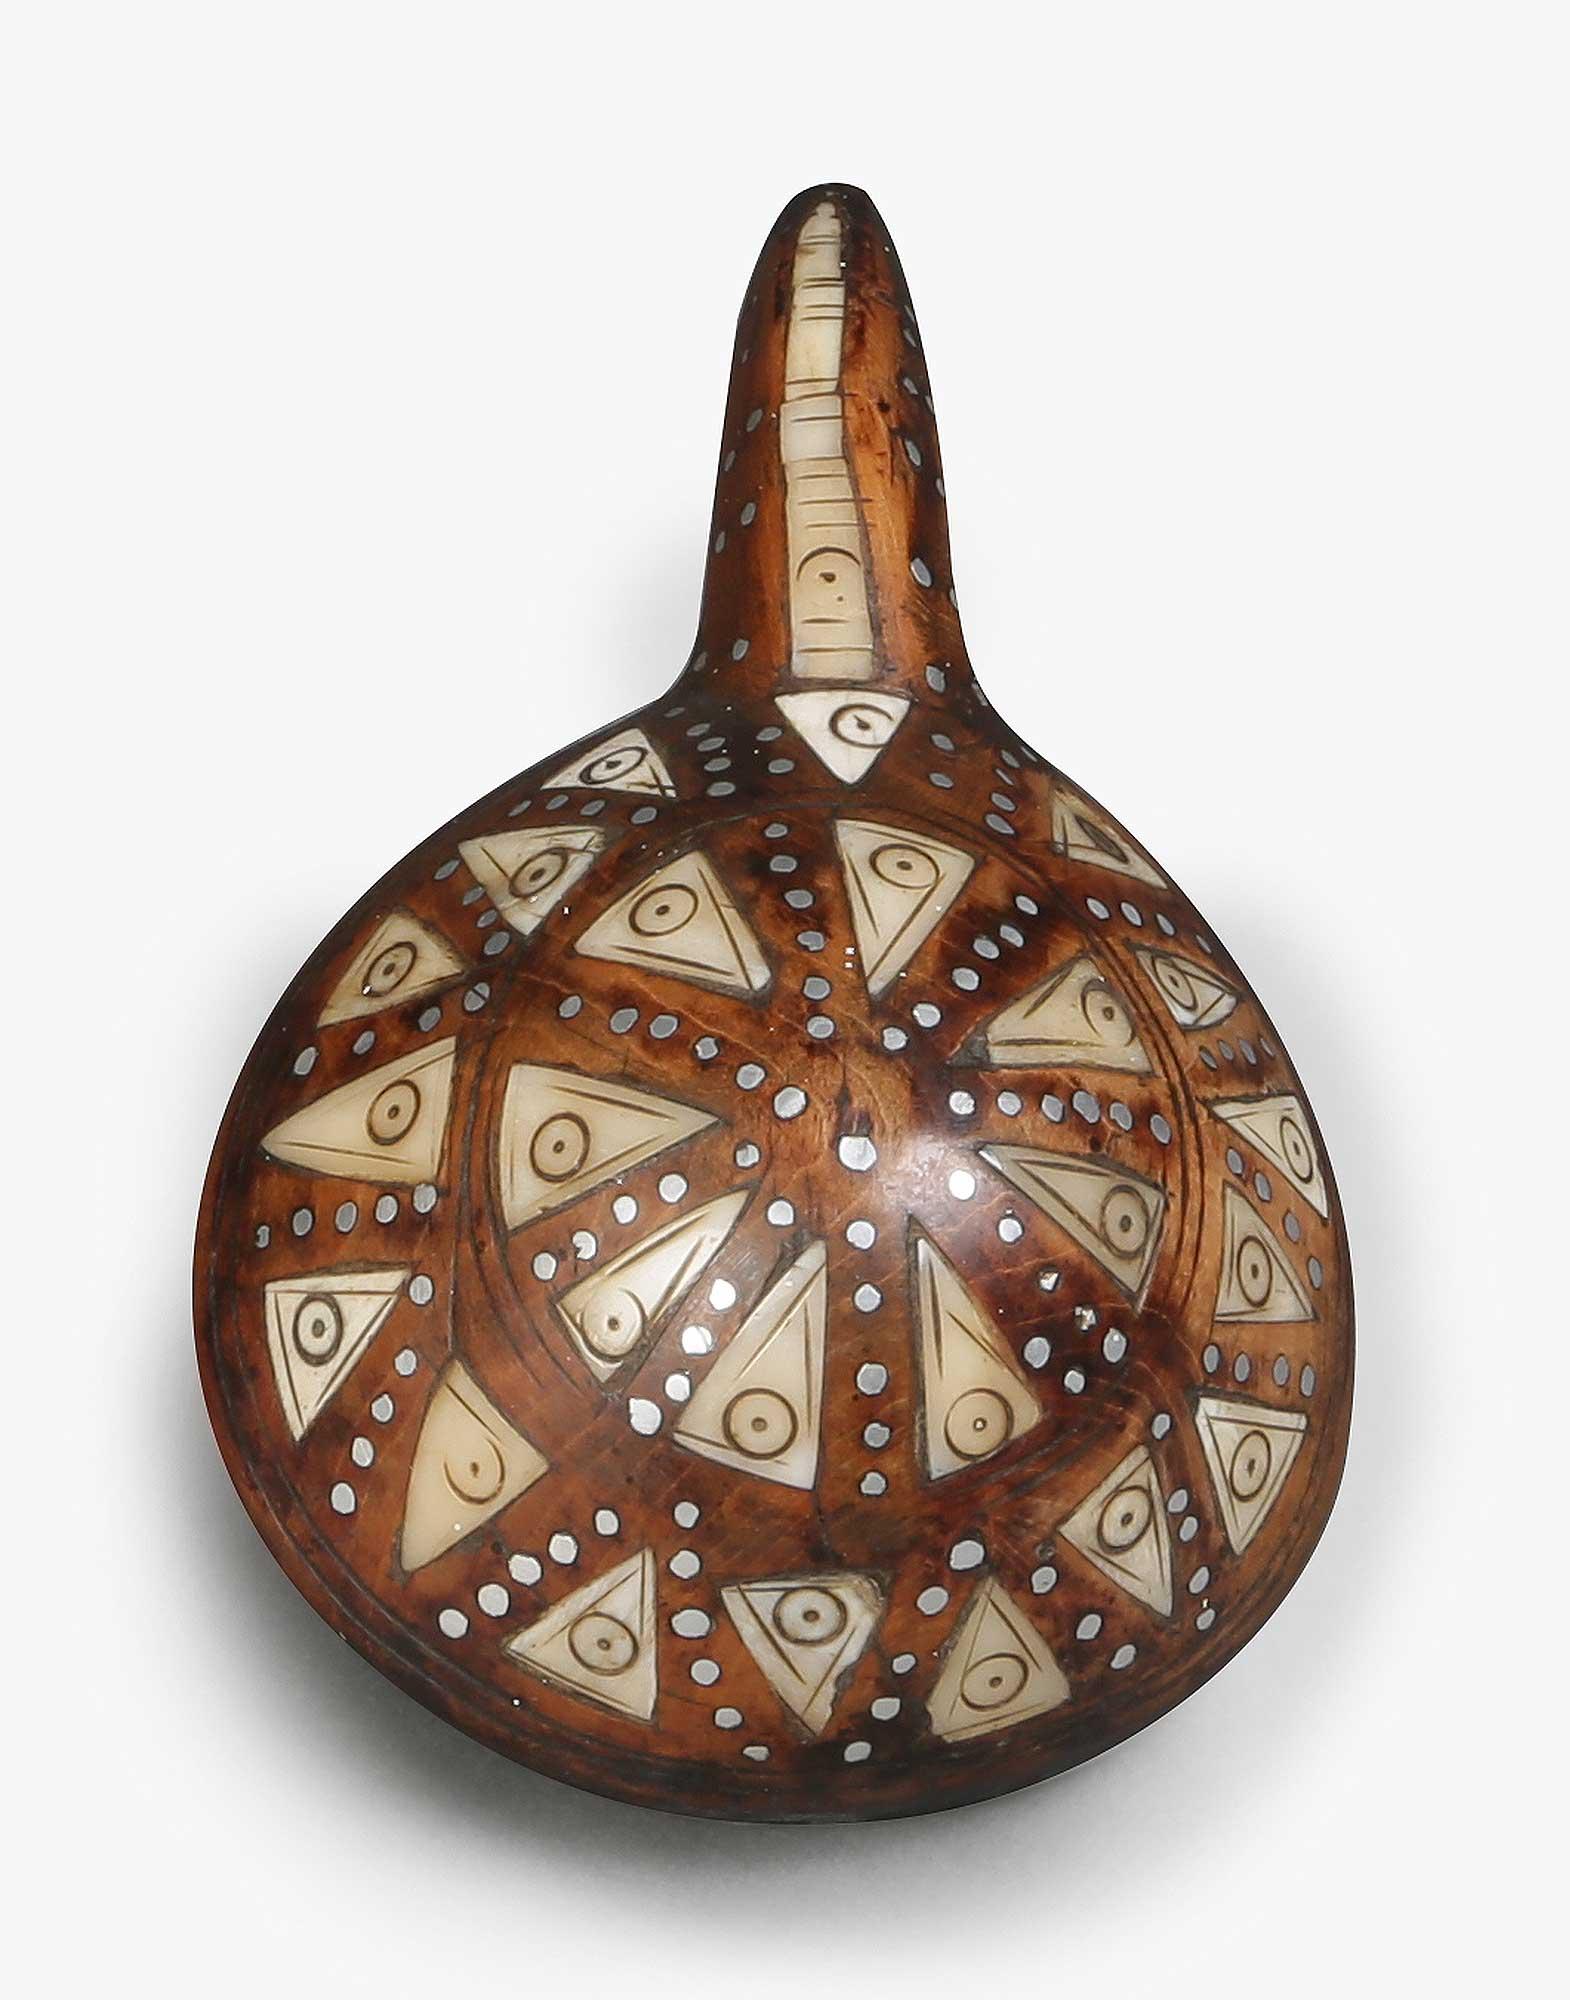 Antique Wood Gunpowder Flask